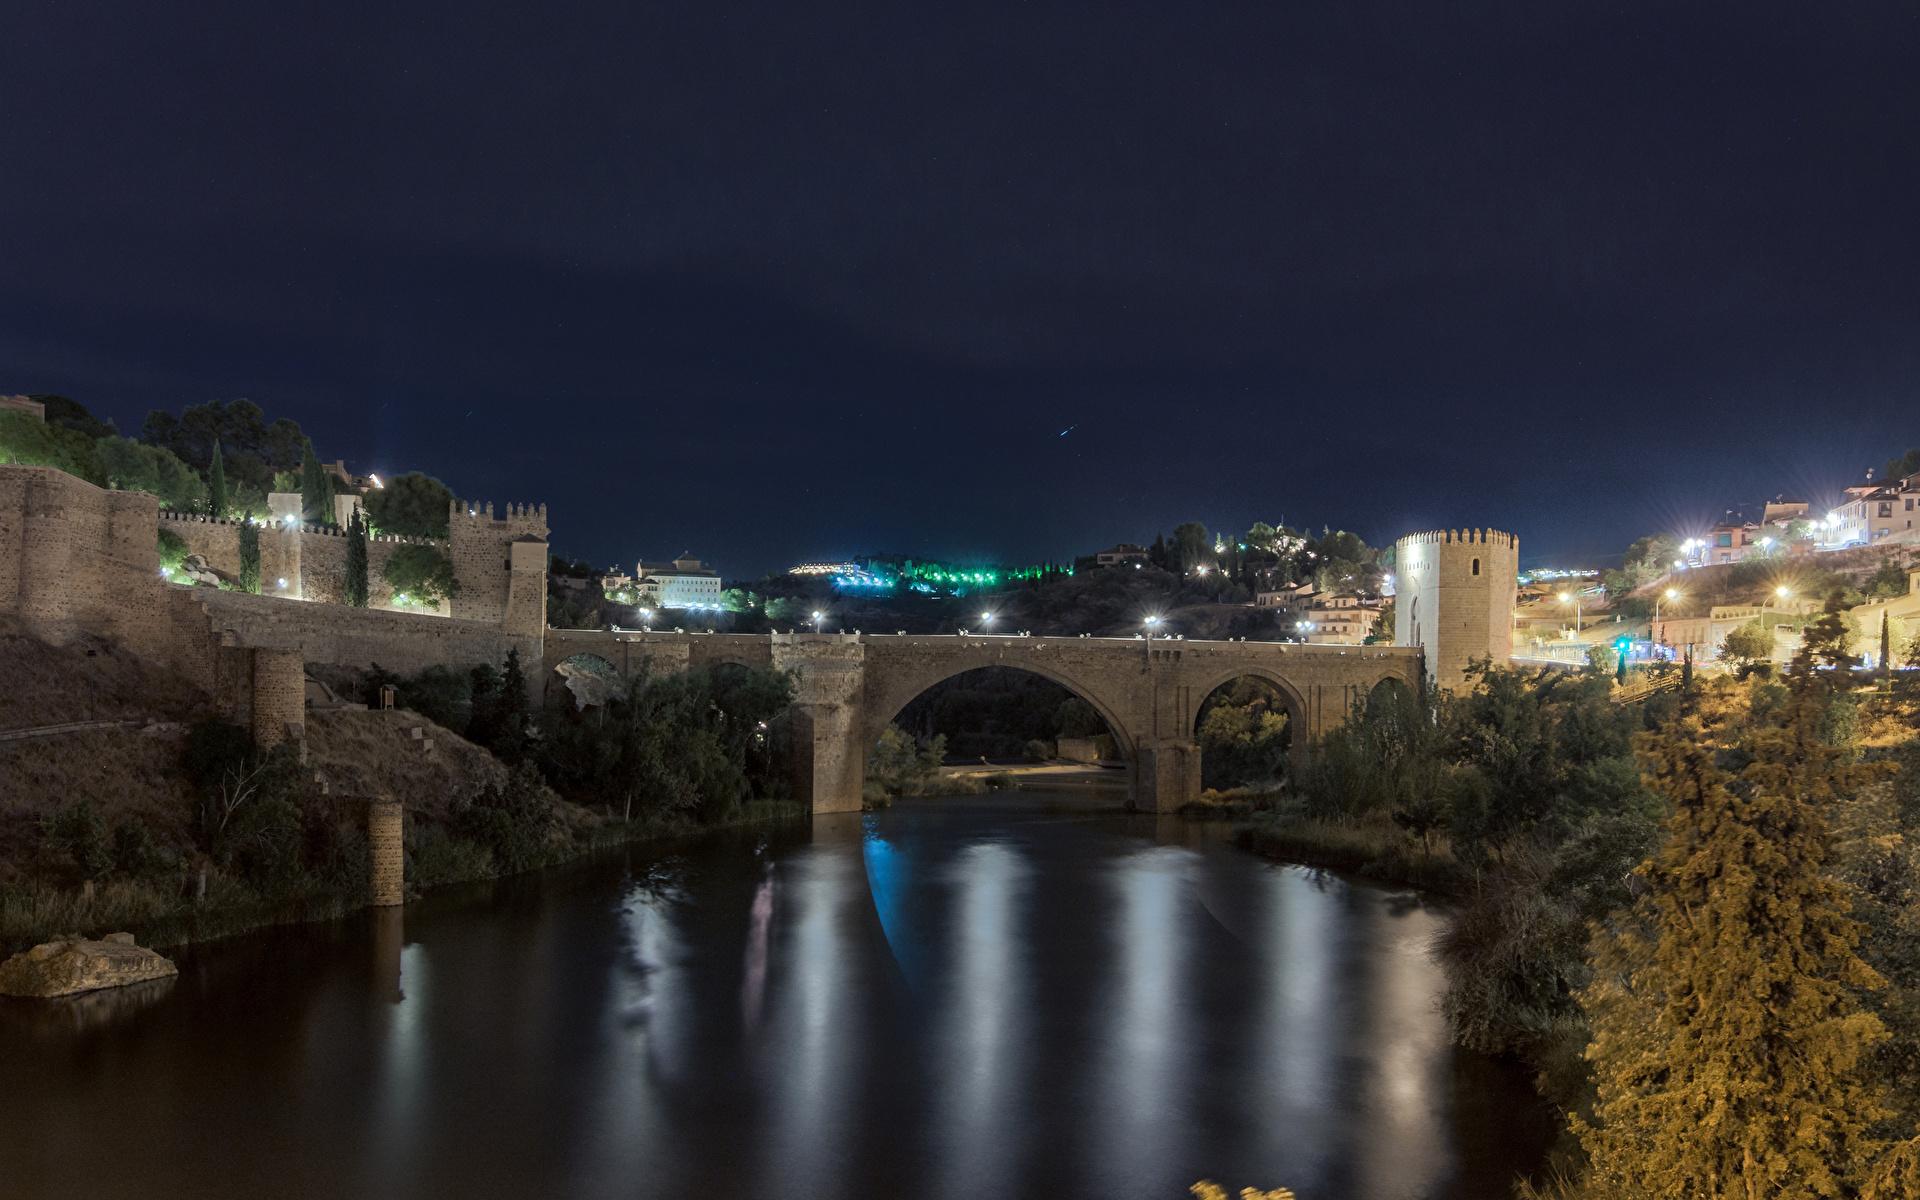 Картинка Толедо Испания Мосты Ночь речка Города Здания 1920x1200 Реки Ночные Дома